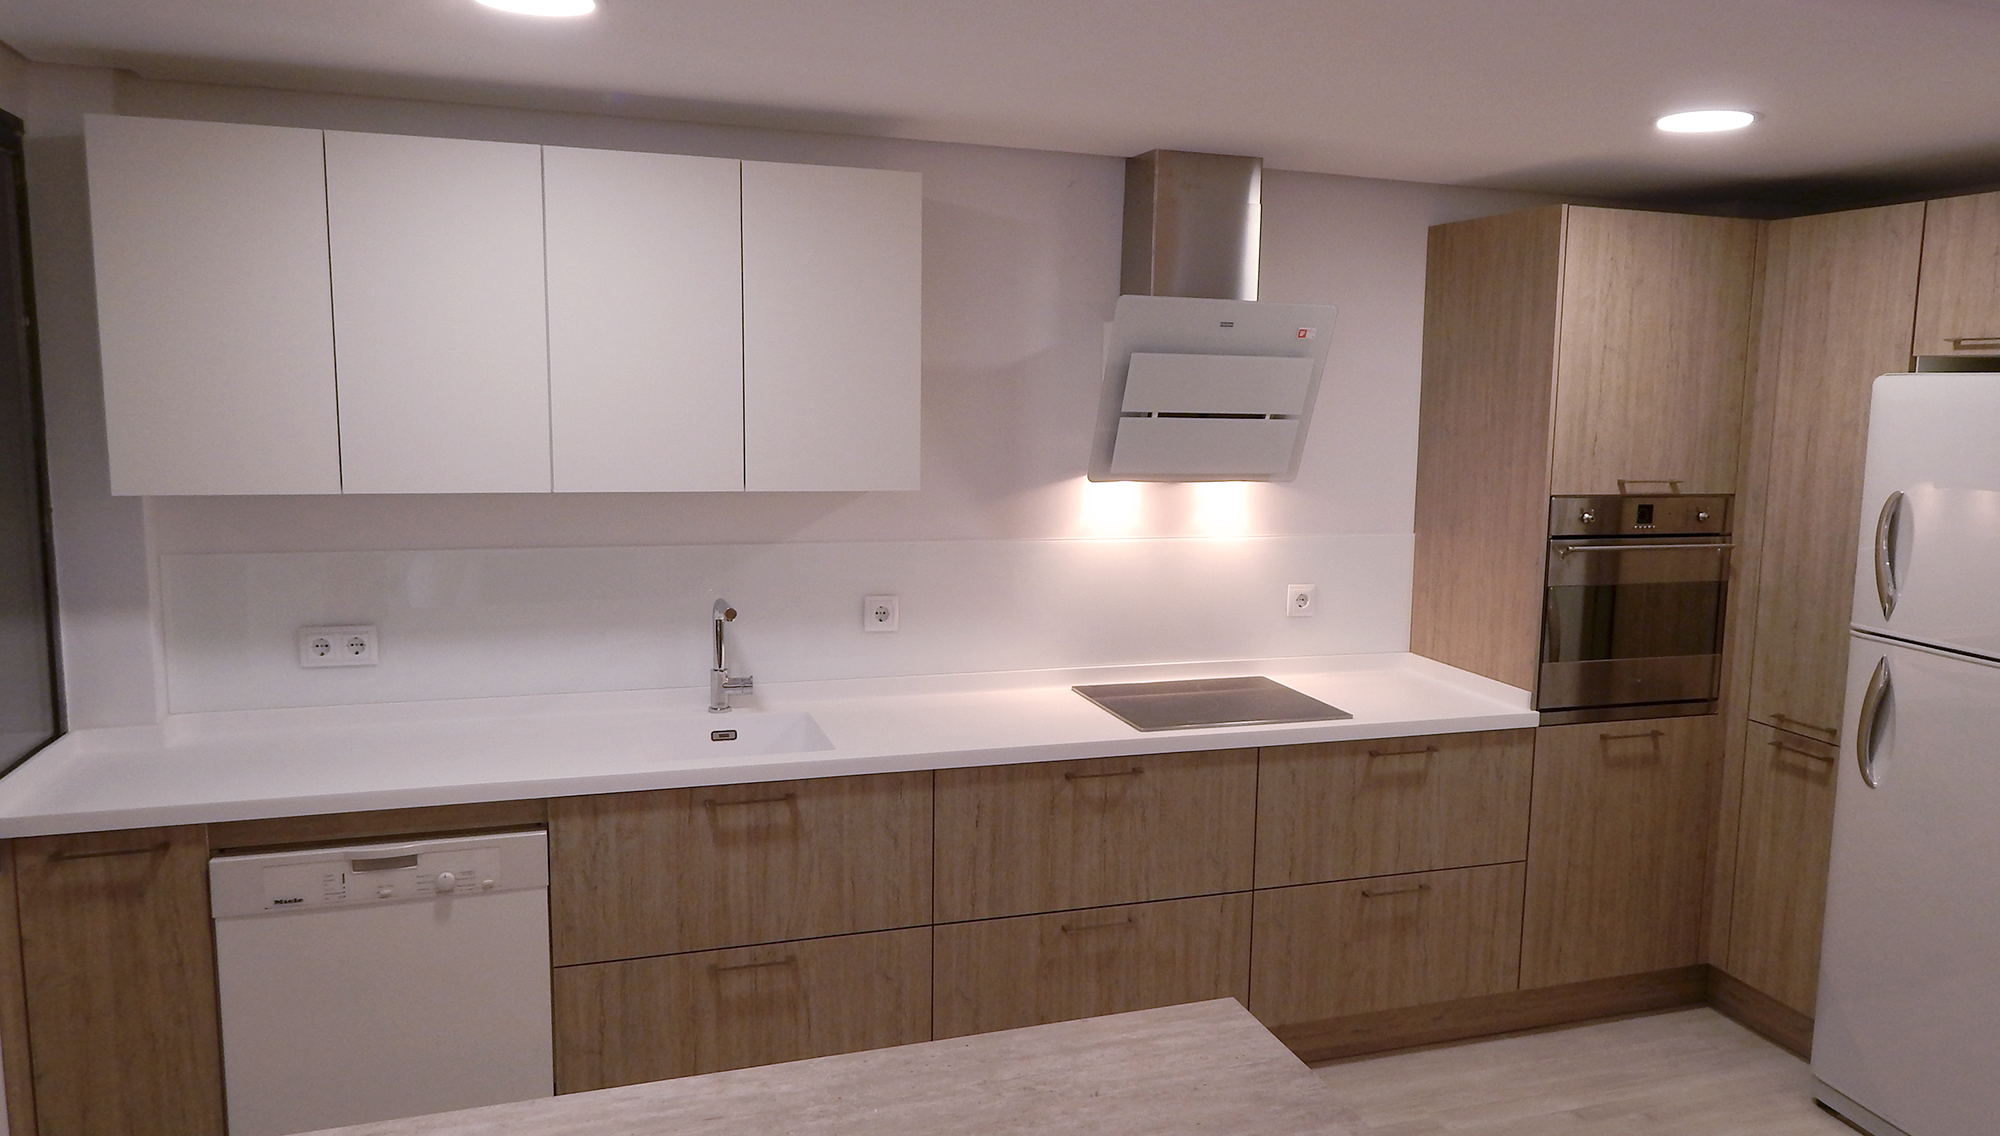 Muebles de cocina en roble gris seda for Muebles cocina madera